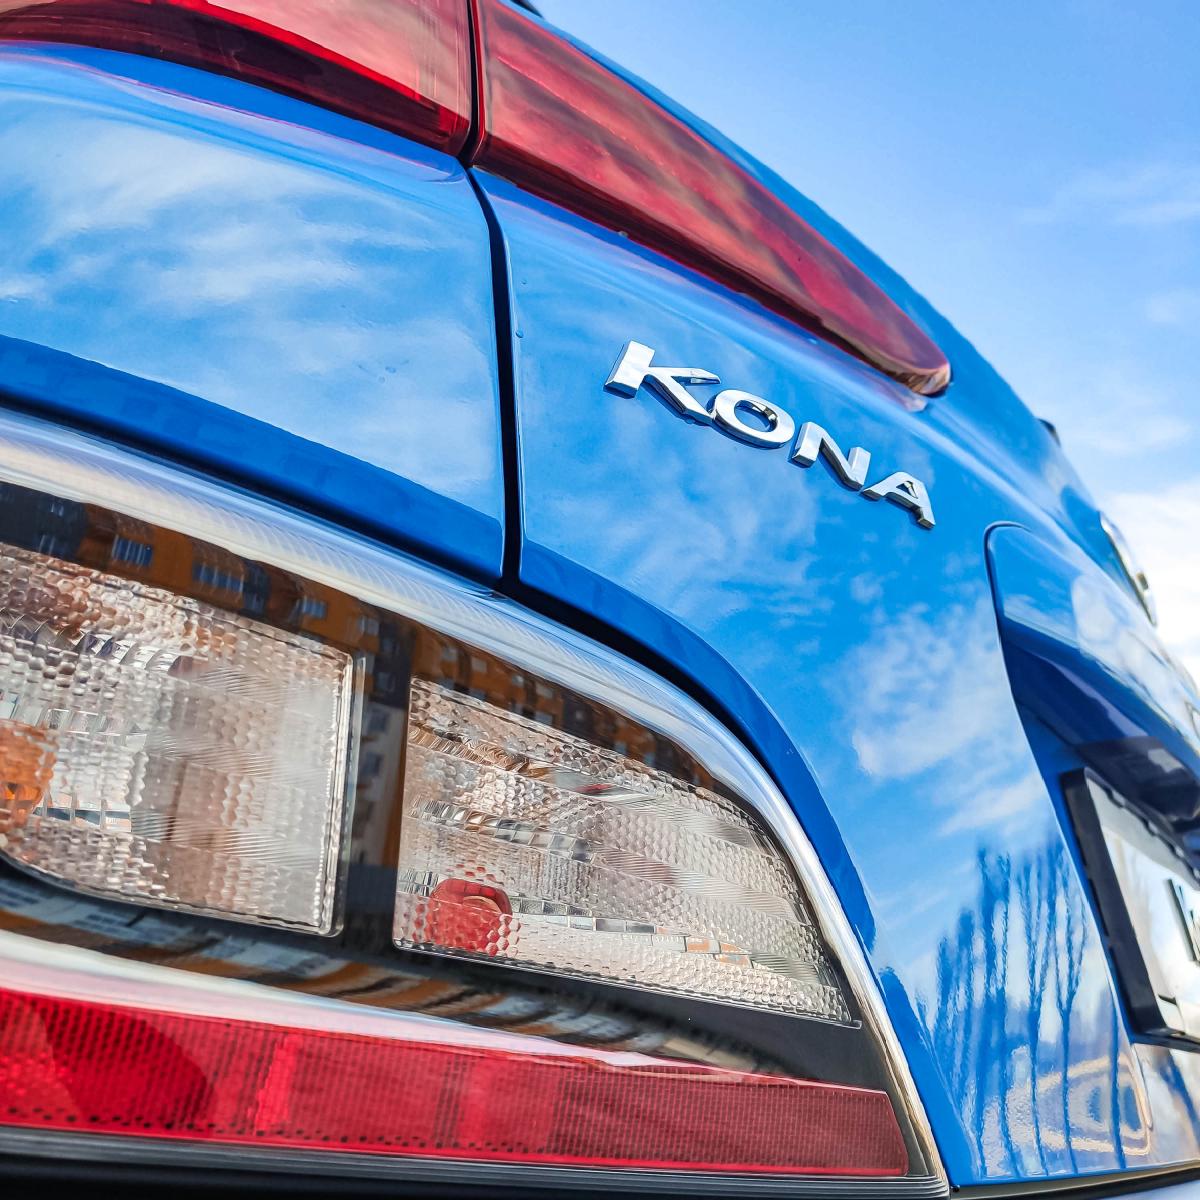 Надзвичайний автомобіль з незвичайним кольором! | Хюндай Мотор Україна - фото 7